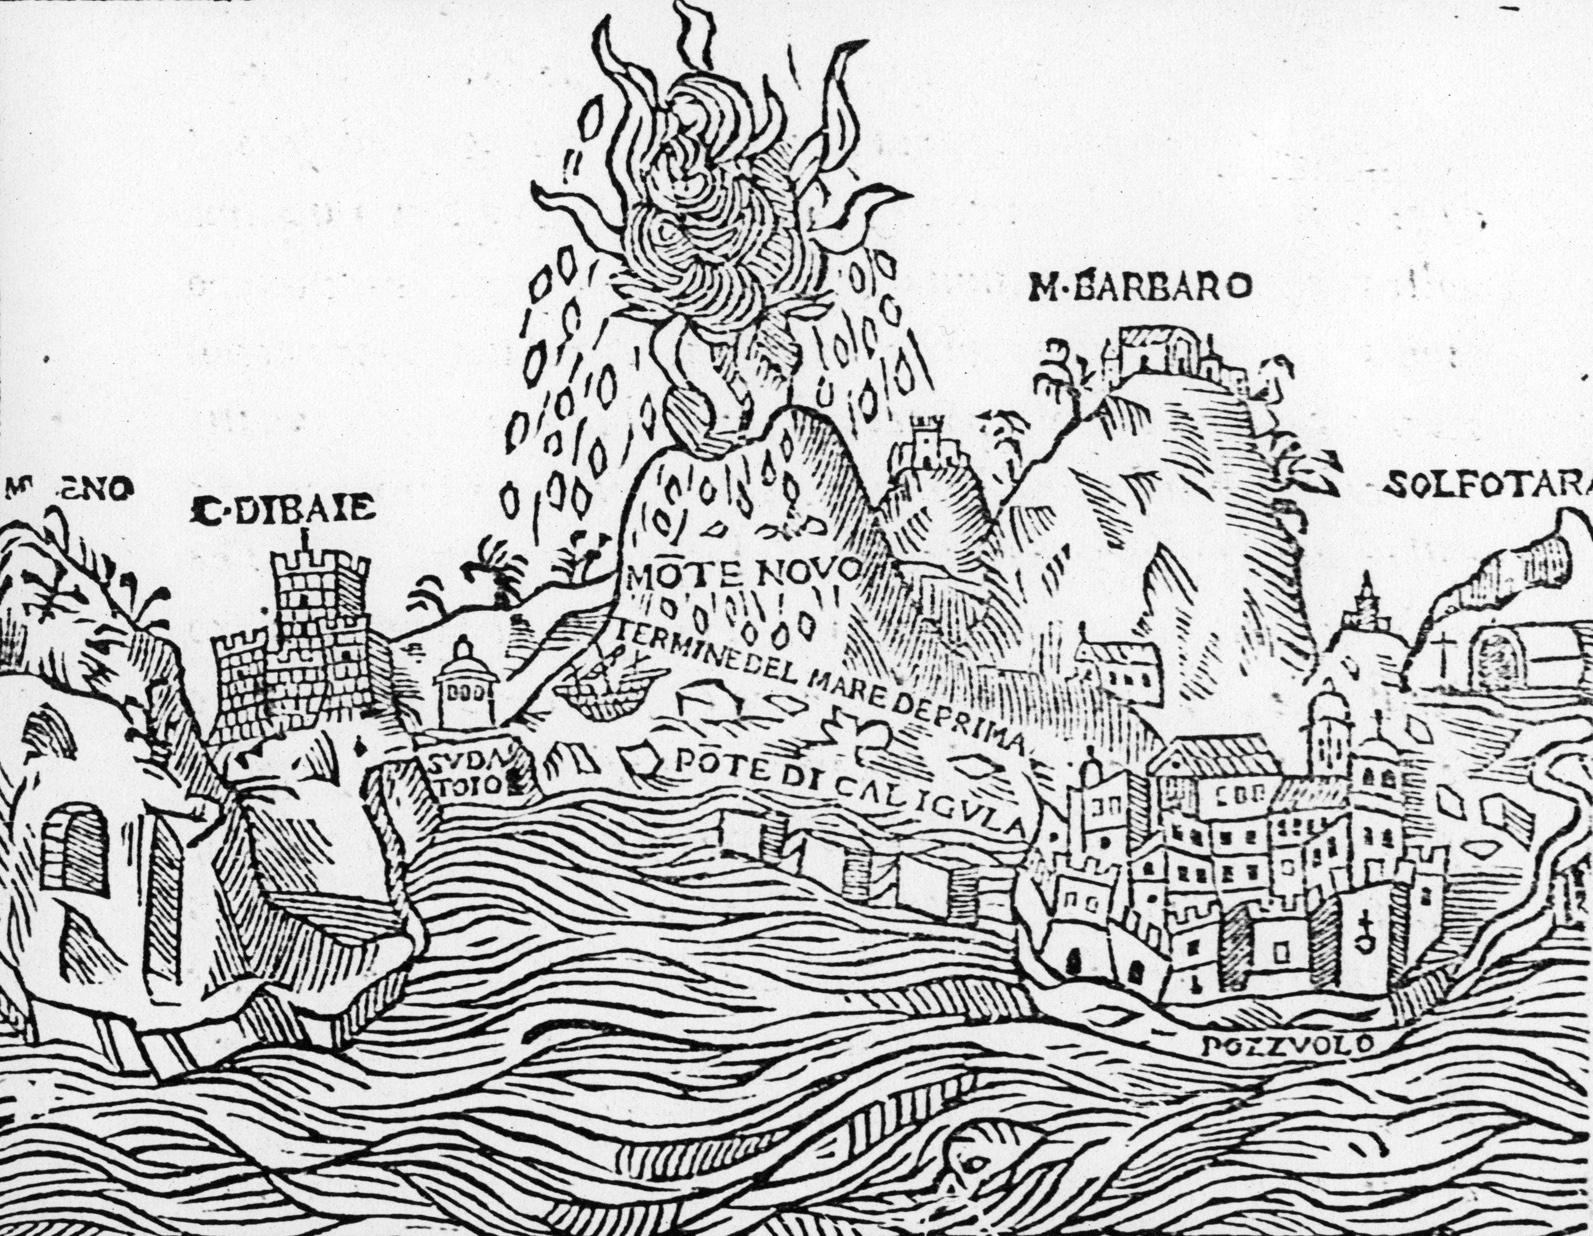 Storia del Monte Nuovo, l'ultima eruzione dei Campi Flegrei